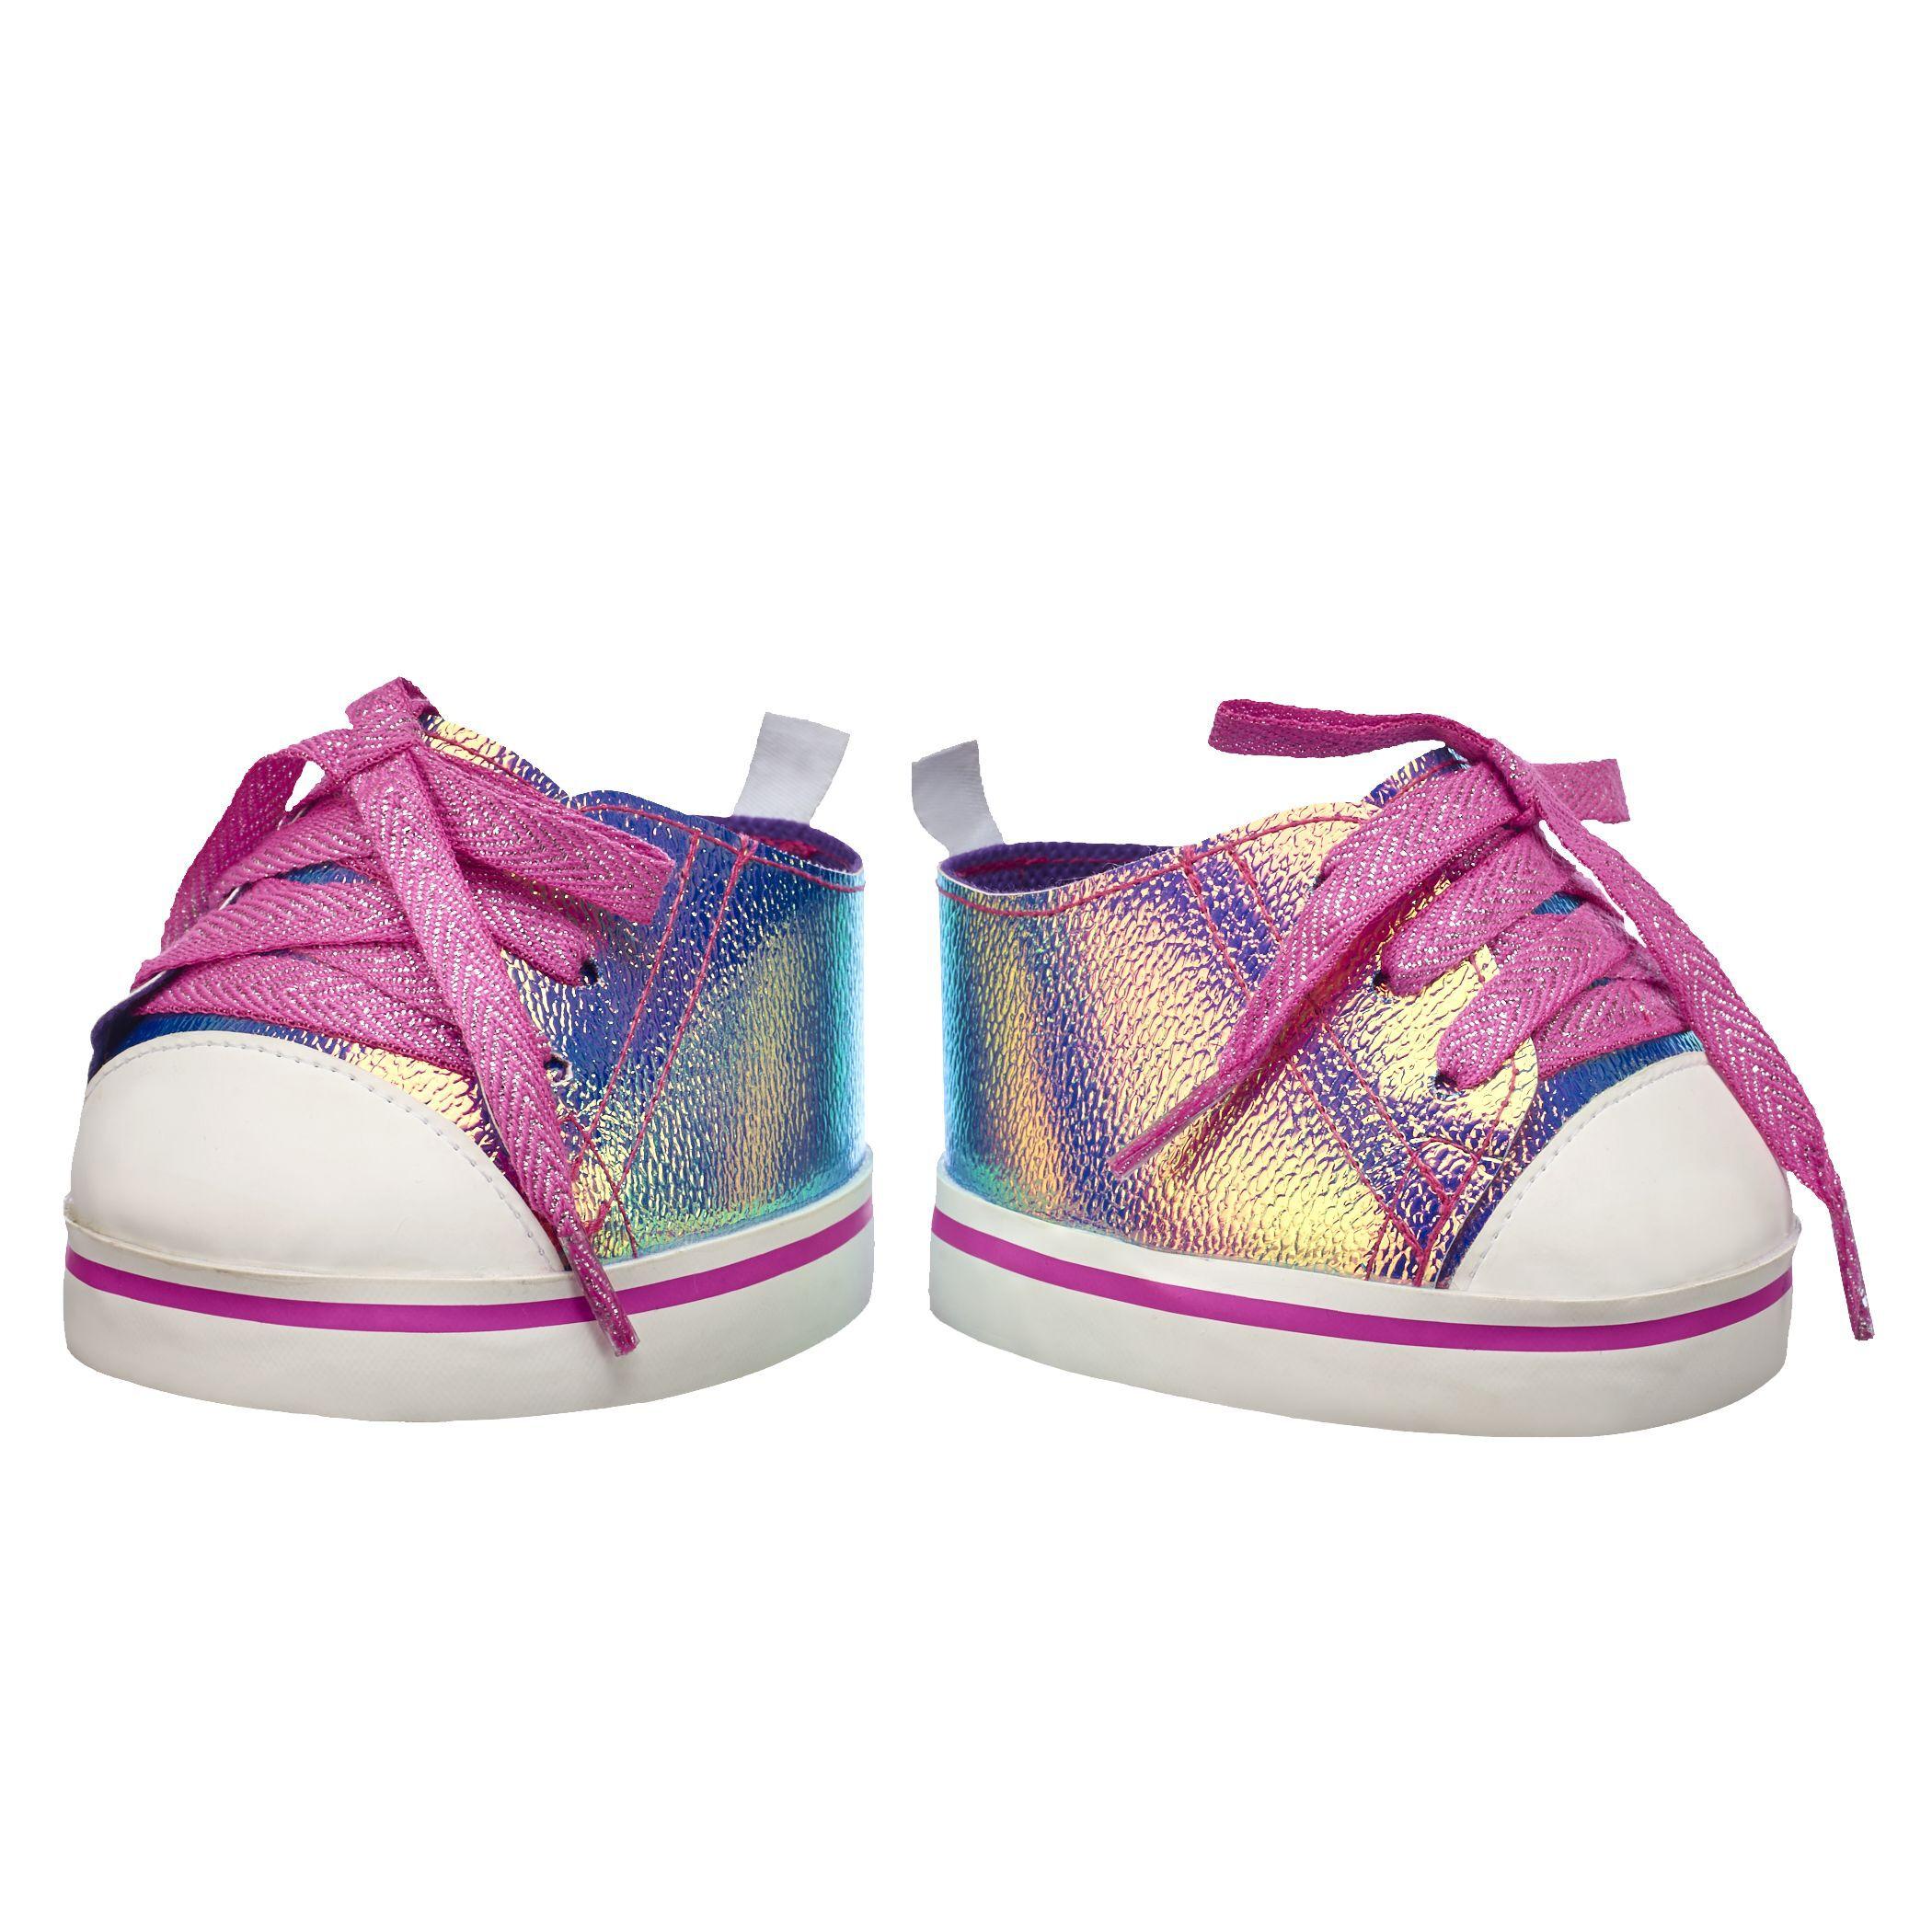 adidas dog shoes